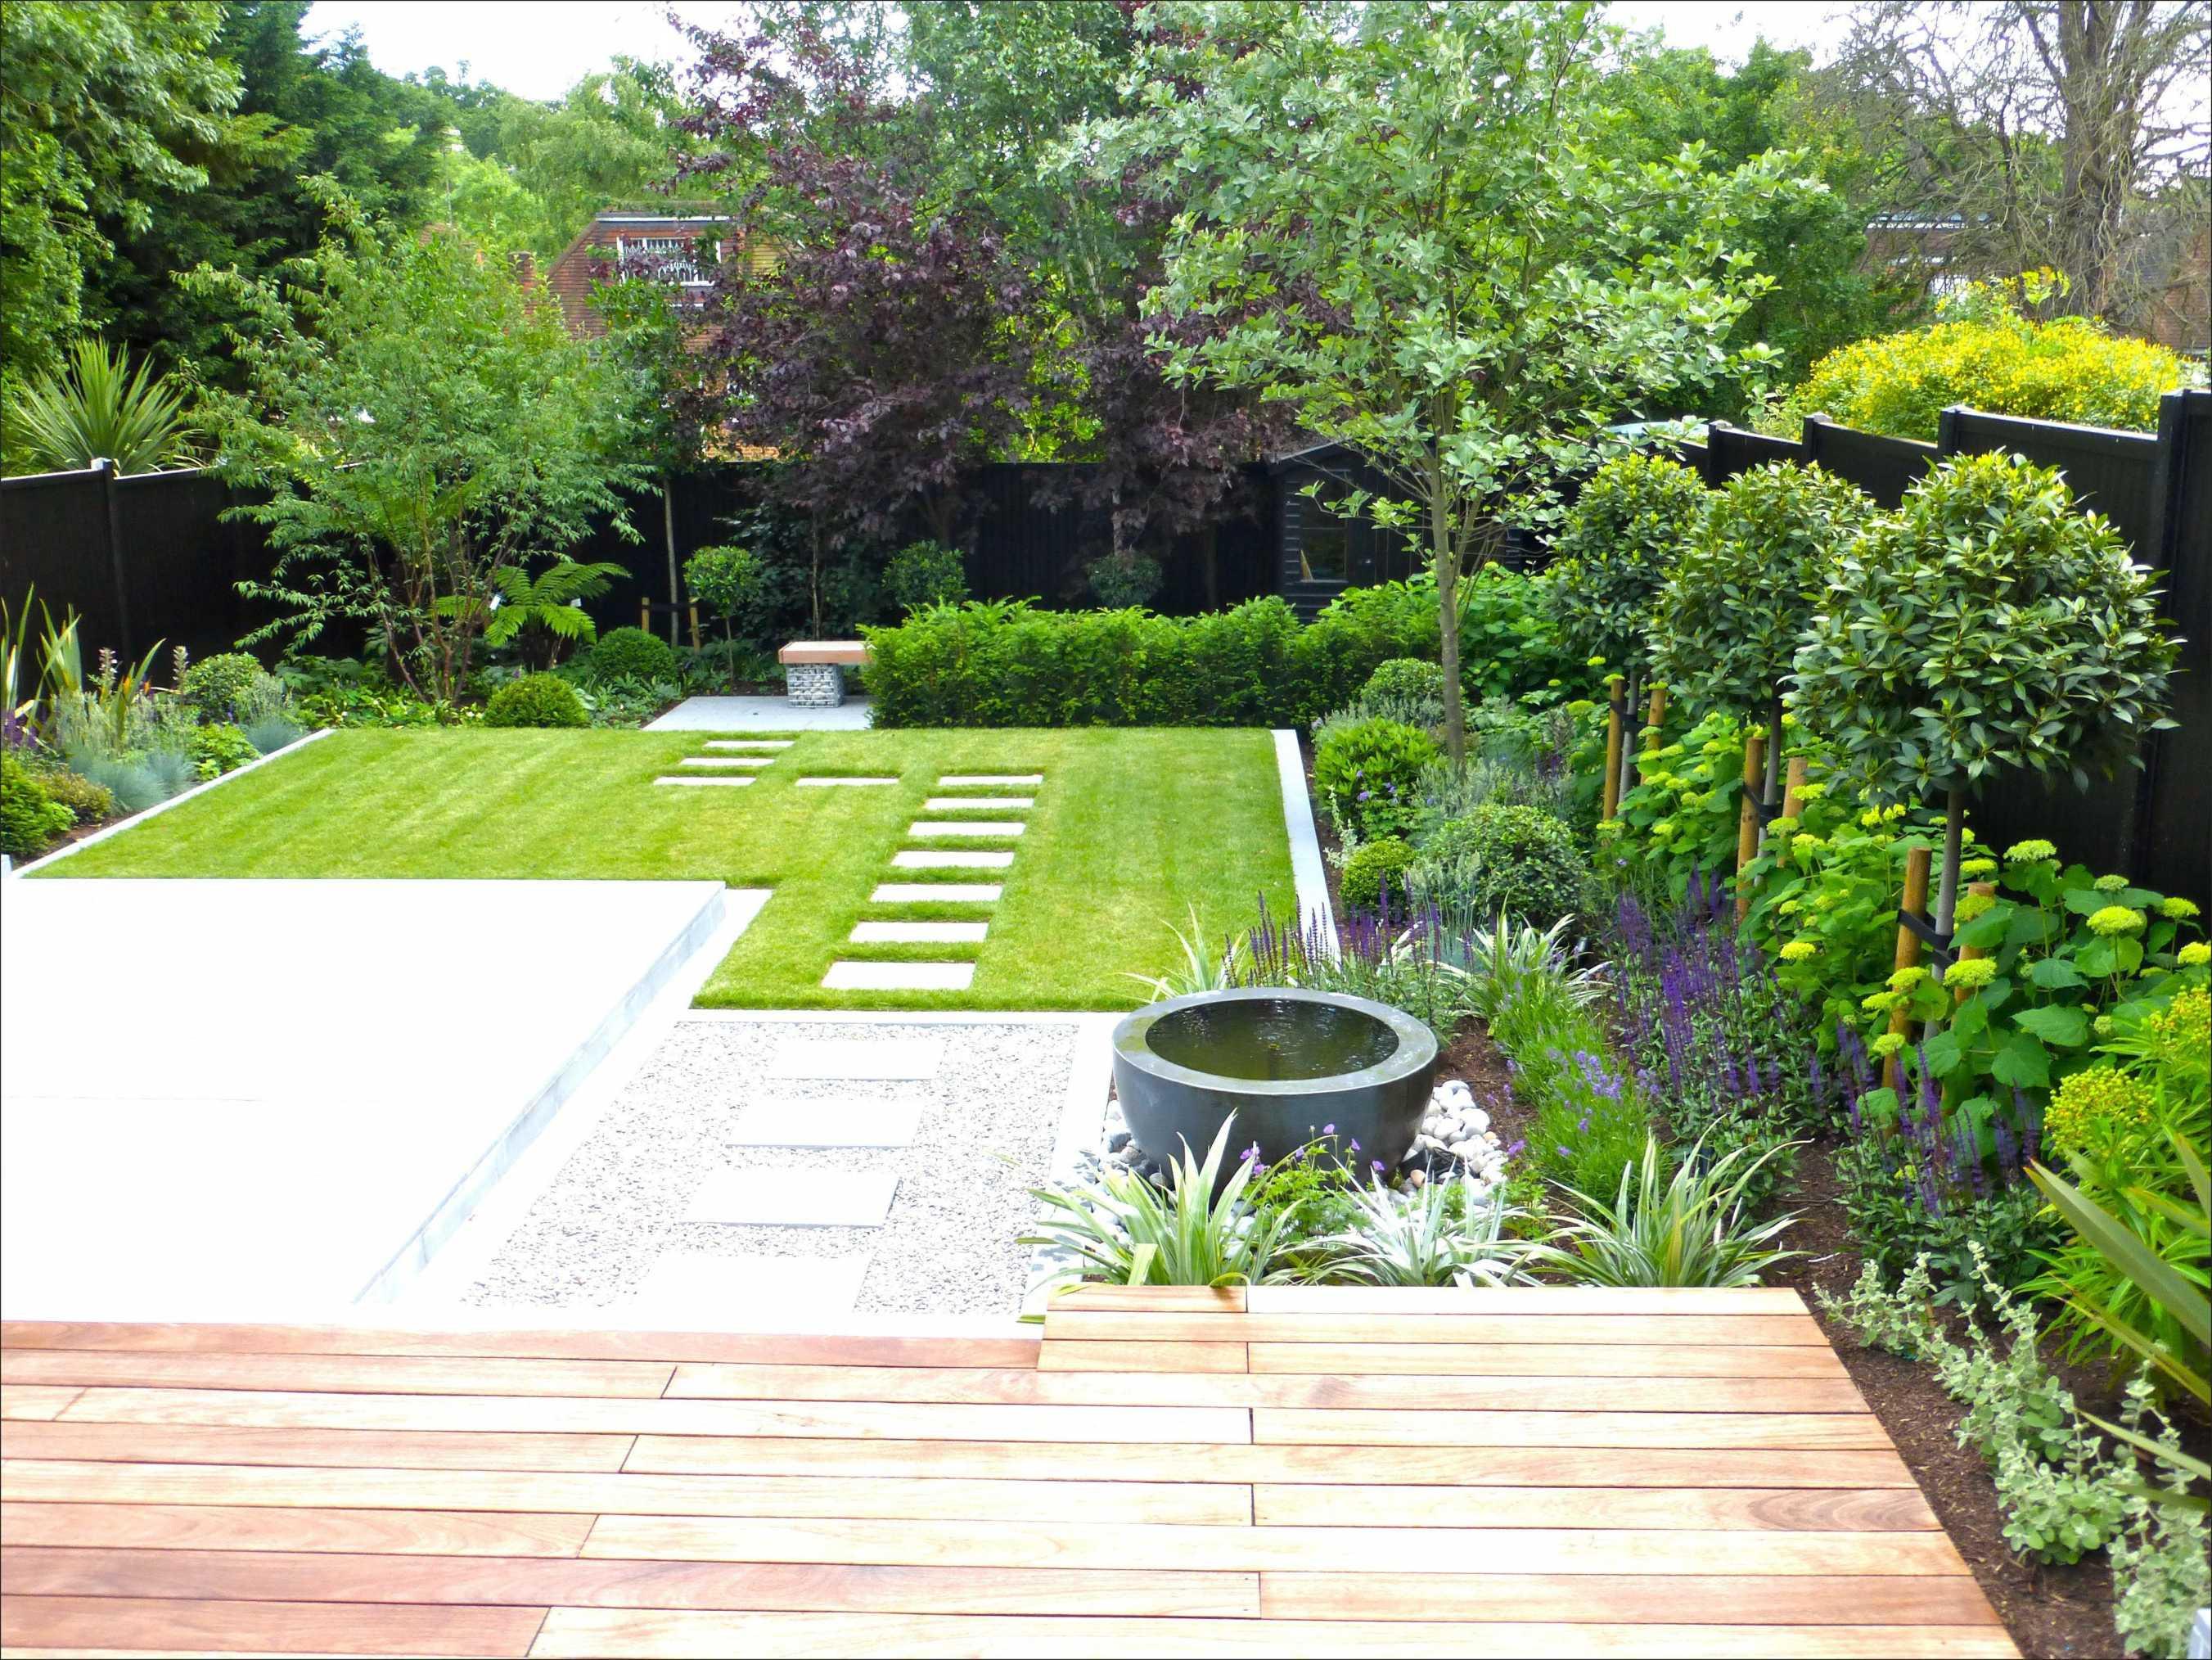 Ausmalbilder Haus Mit Garten Neu Garten King Ausmalbilder Haus Mit Garten Uploadertalk Bilder